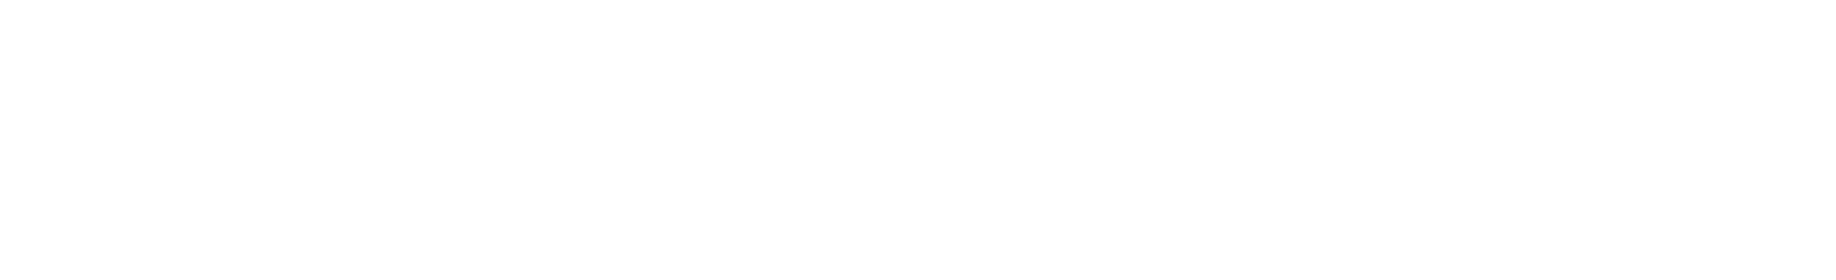 https://diversity.moe/div042 Logo